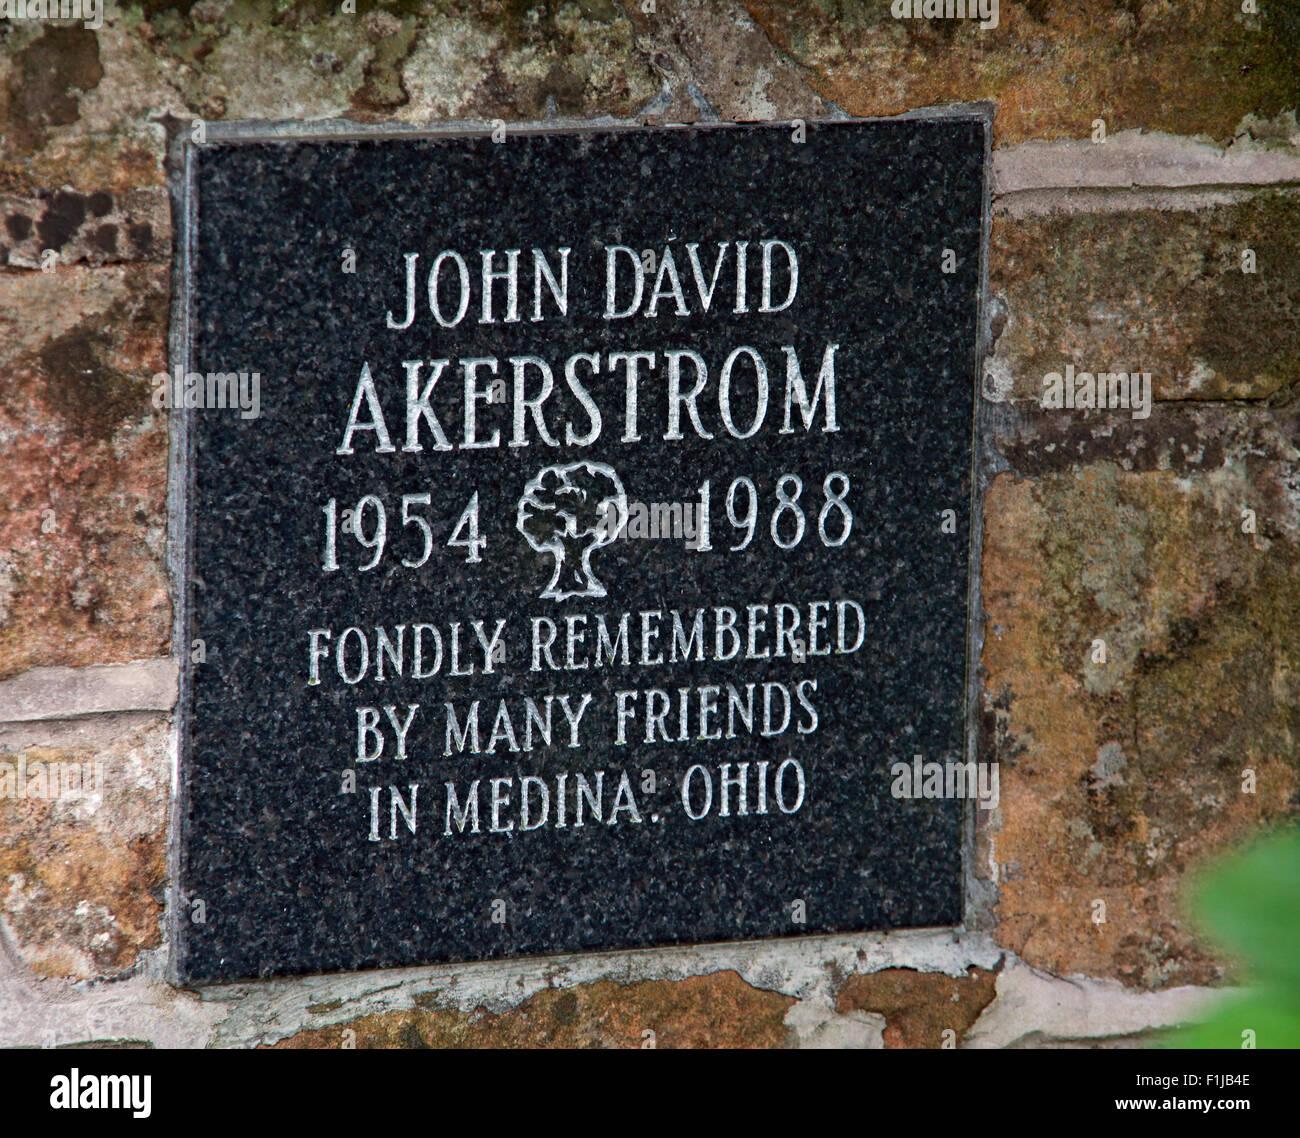 Lockerbie PanAm103 In Rememberance Memorial John David Akerstrom, Scotland - Stock Image